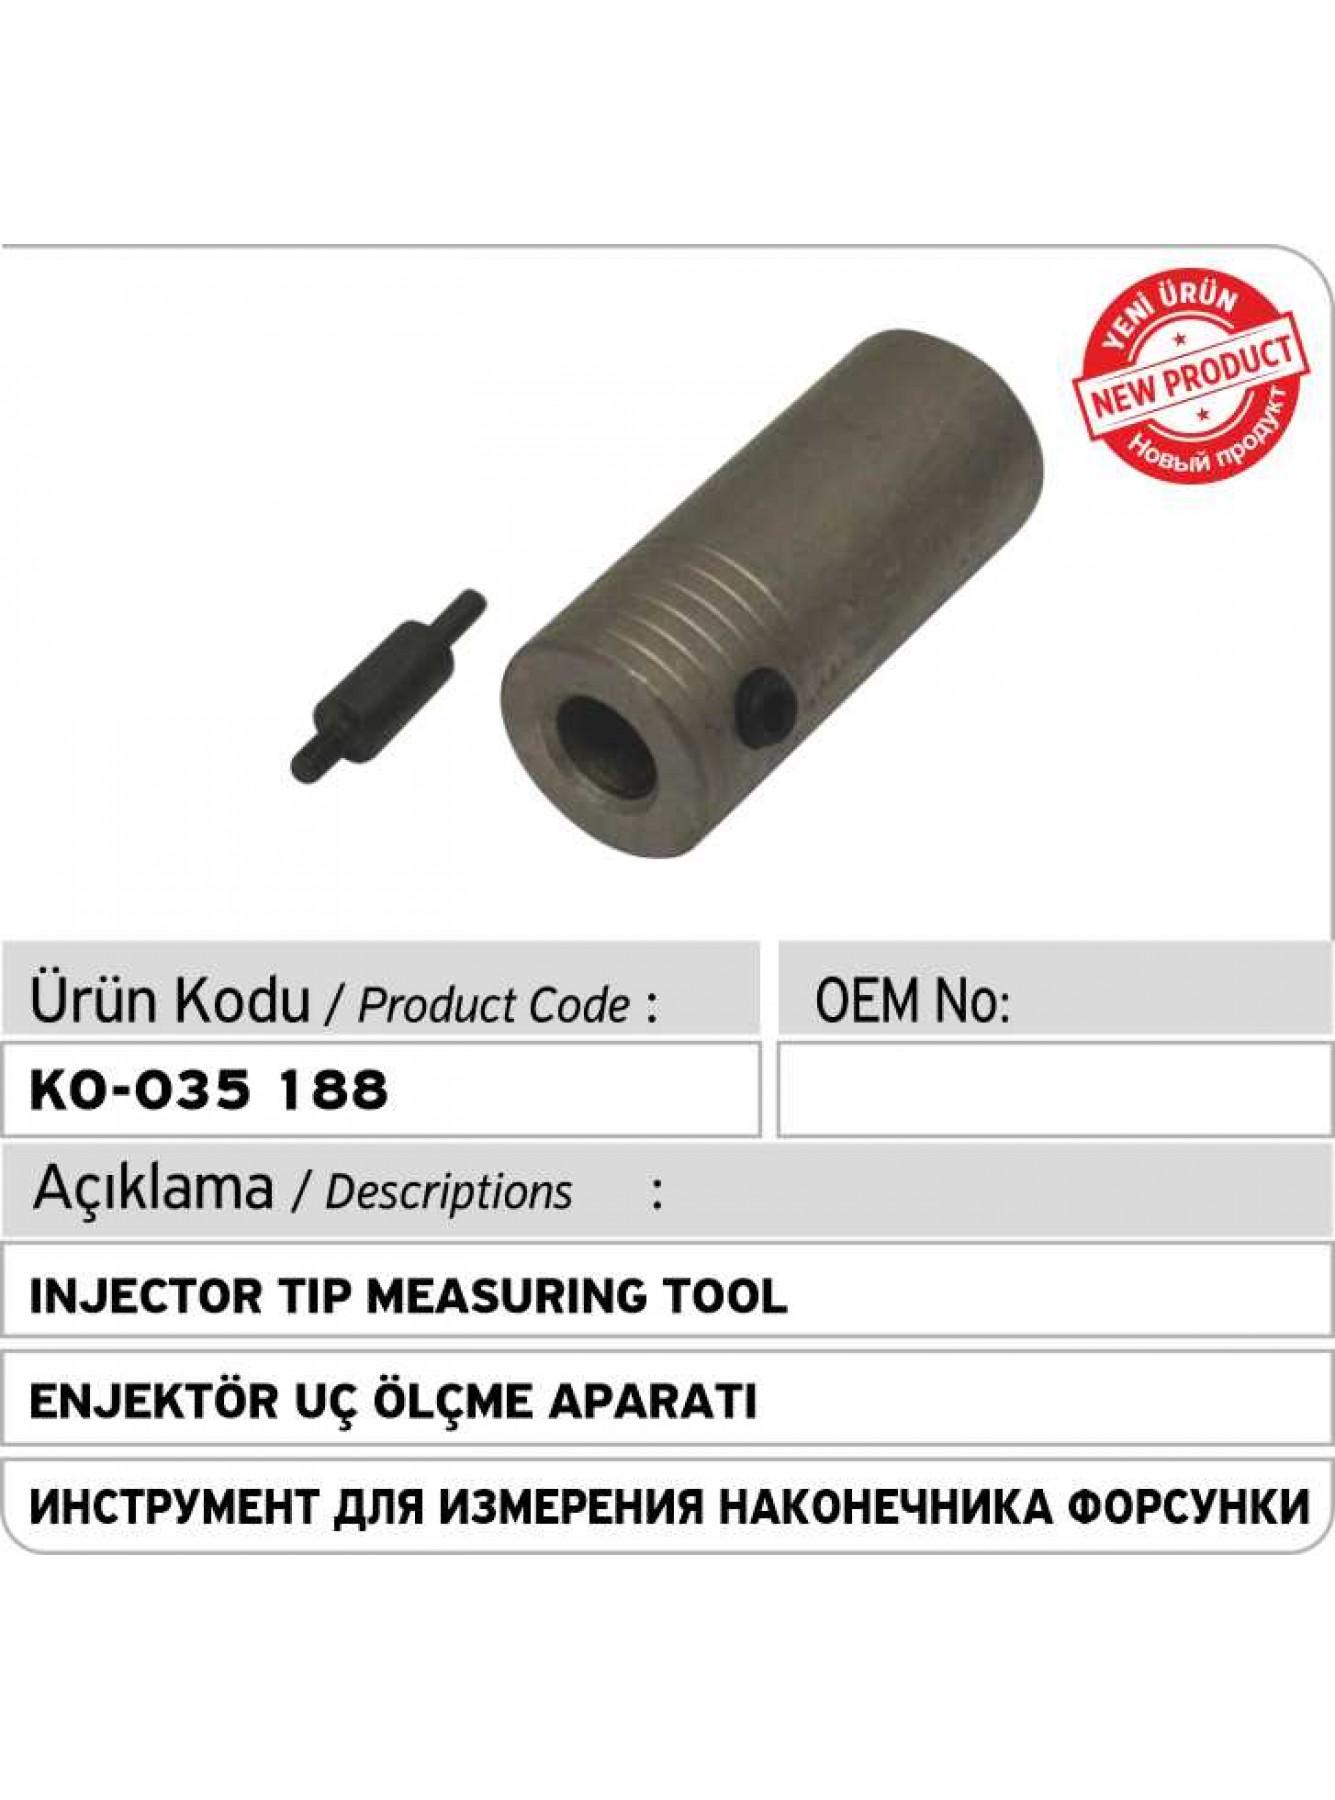 Инструмент для измерения наконечника форсунки